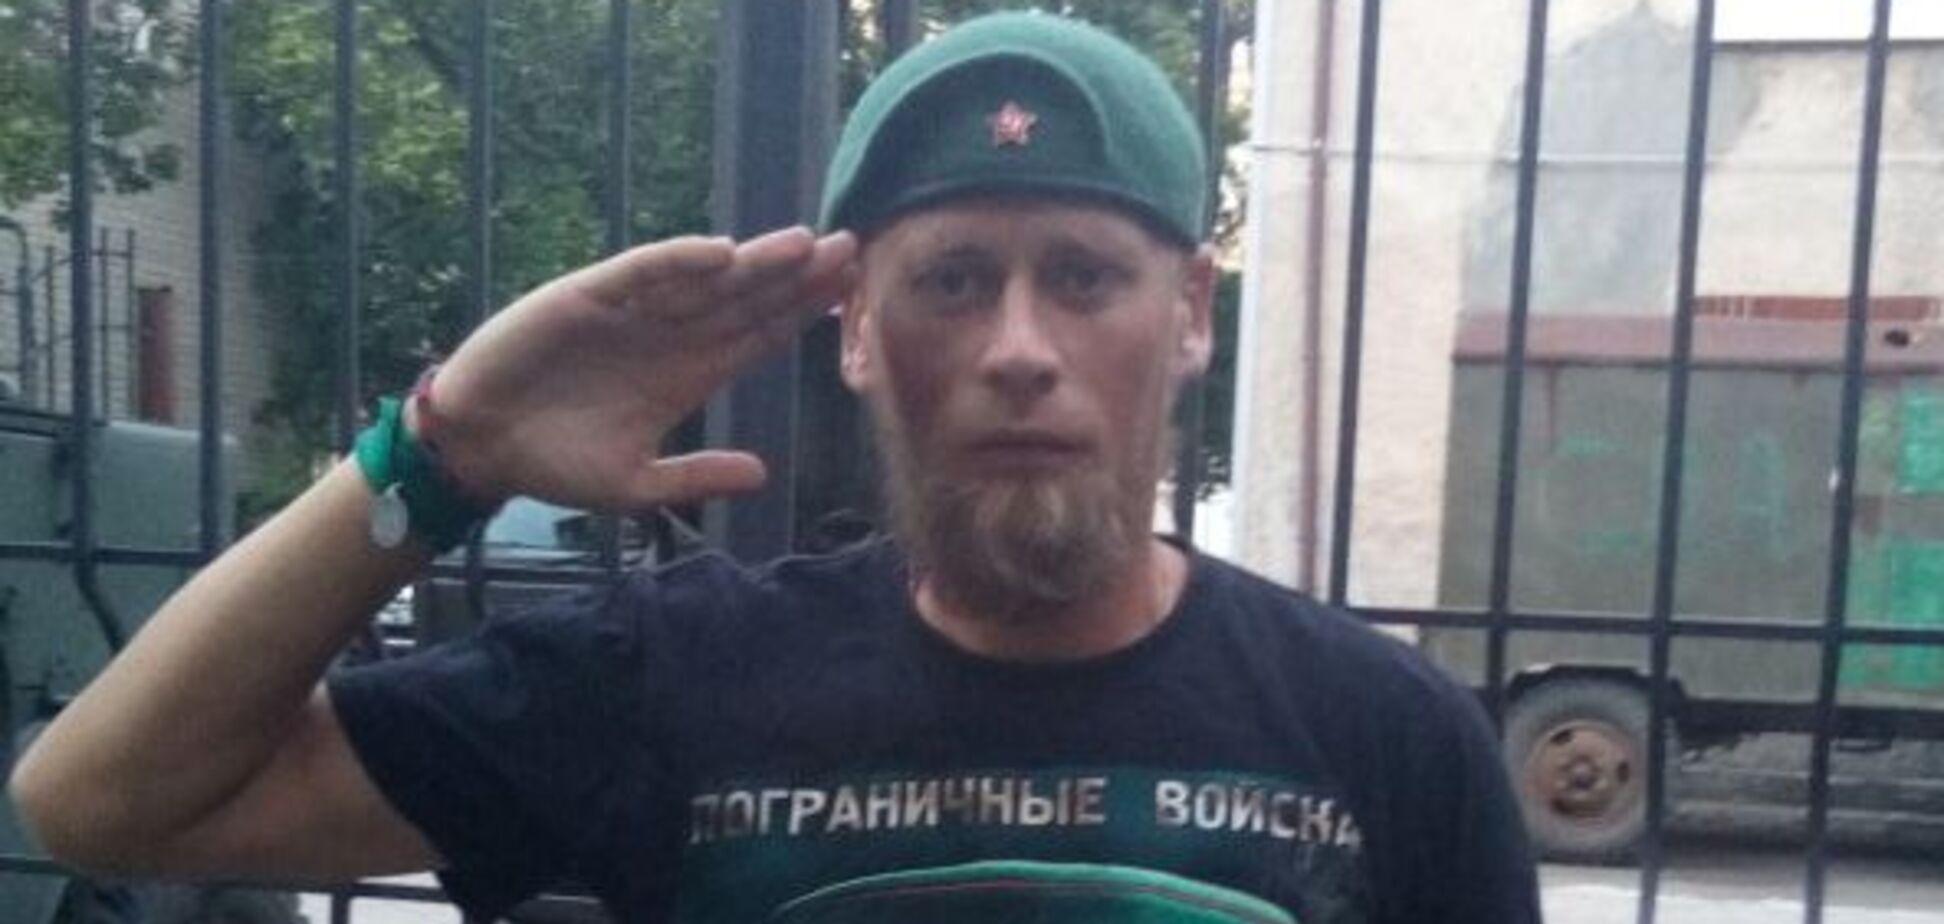 На Донбасі ліквідували відомого терориста 'Хантера'. Фото